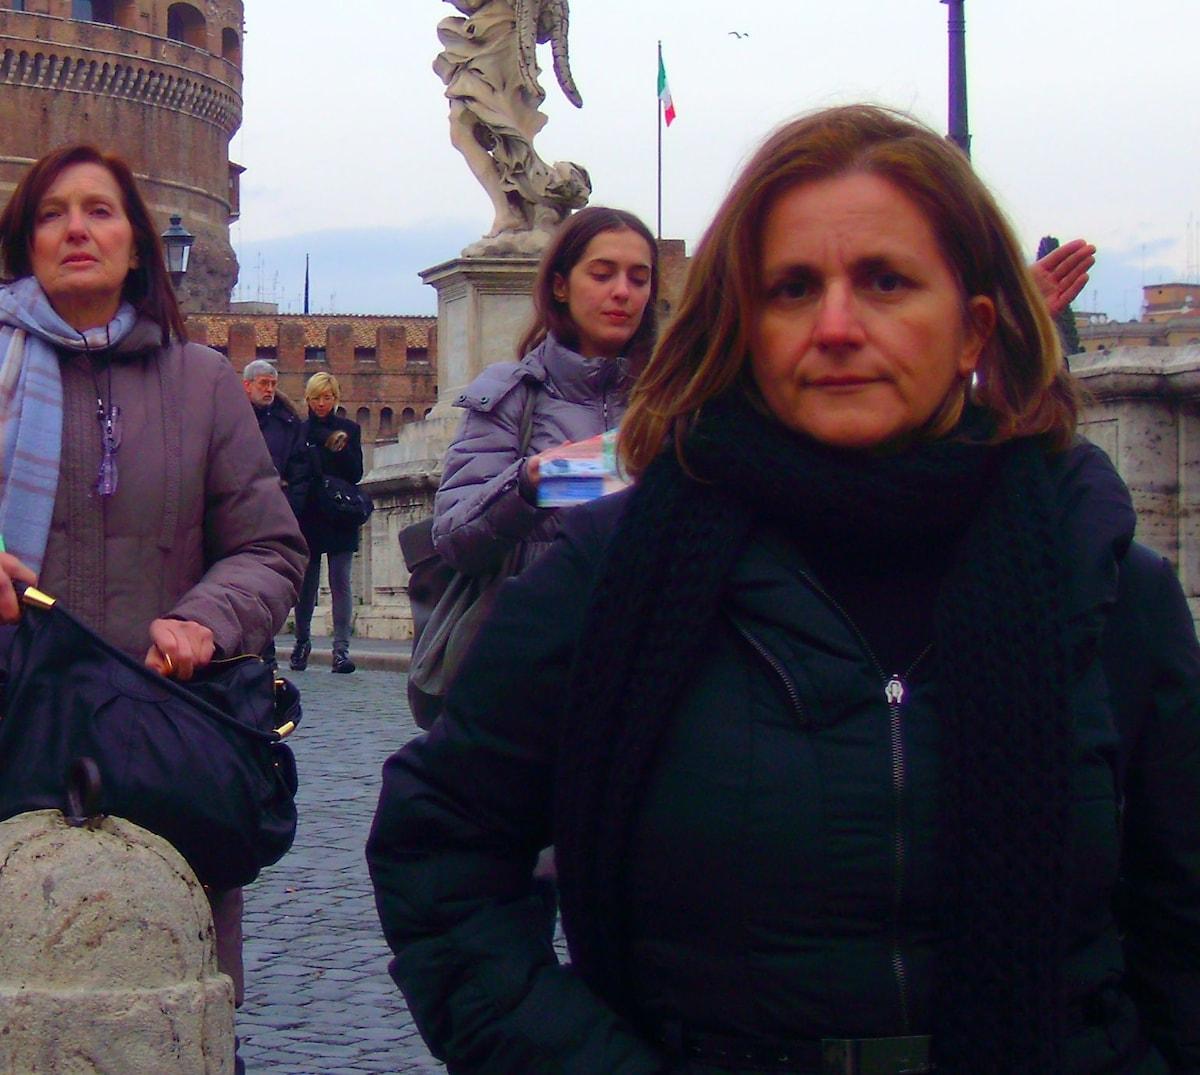 Vivo a Bari con mio marito e mia figlia di 14 anni